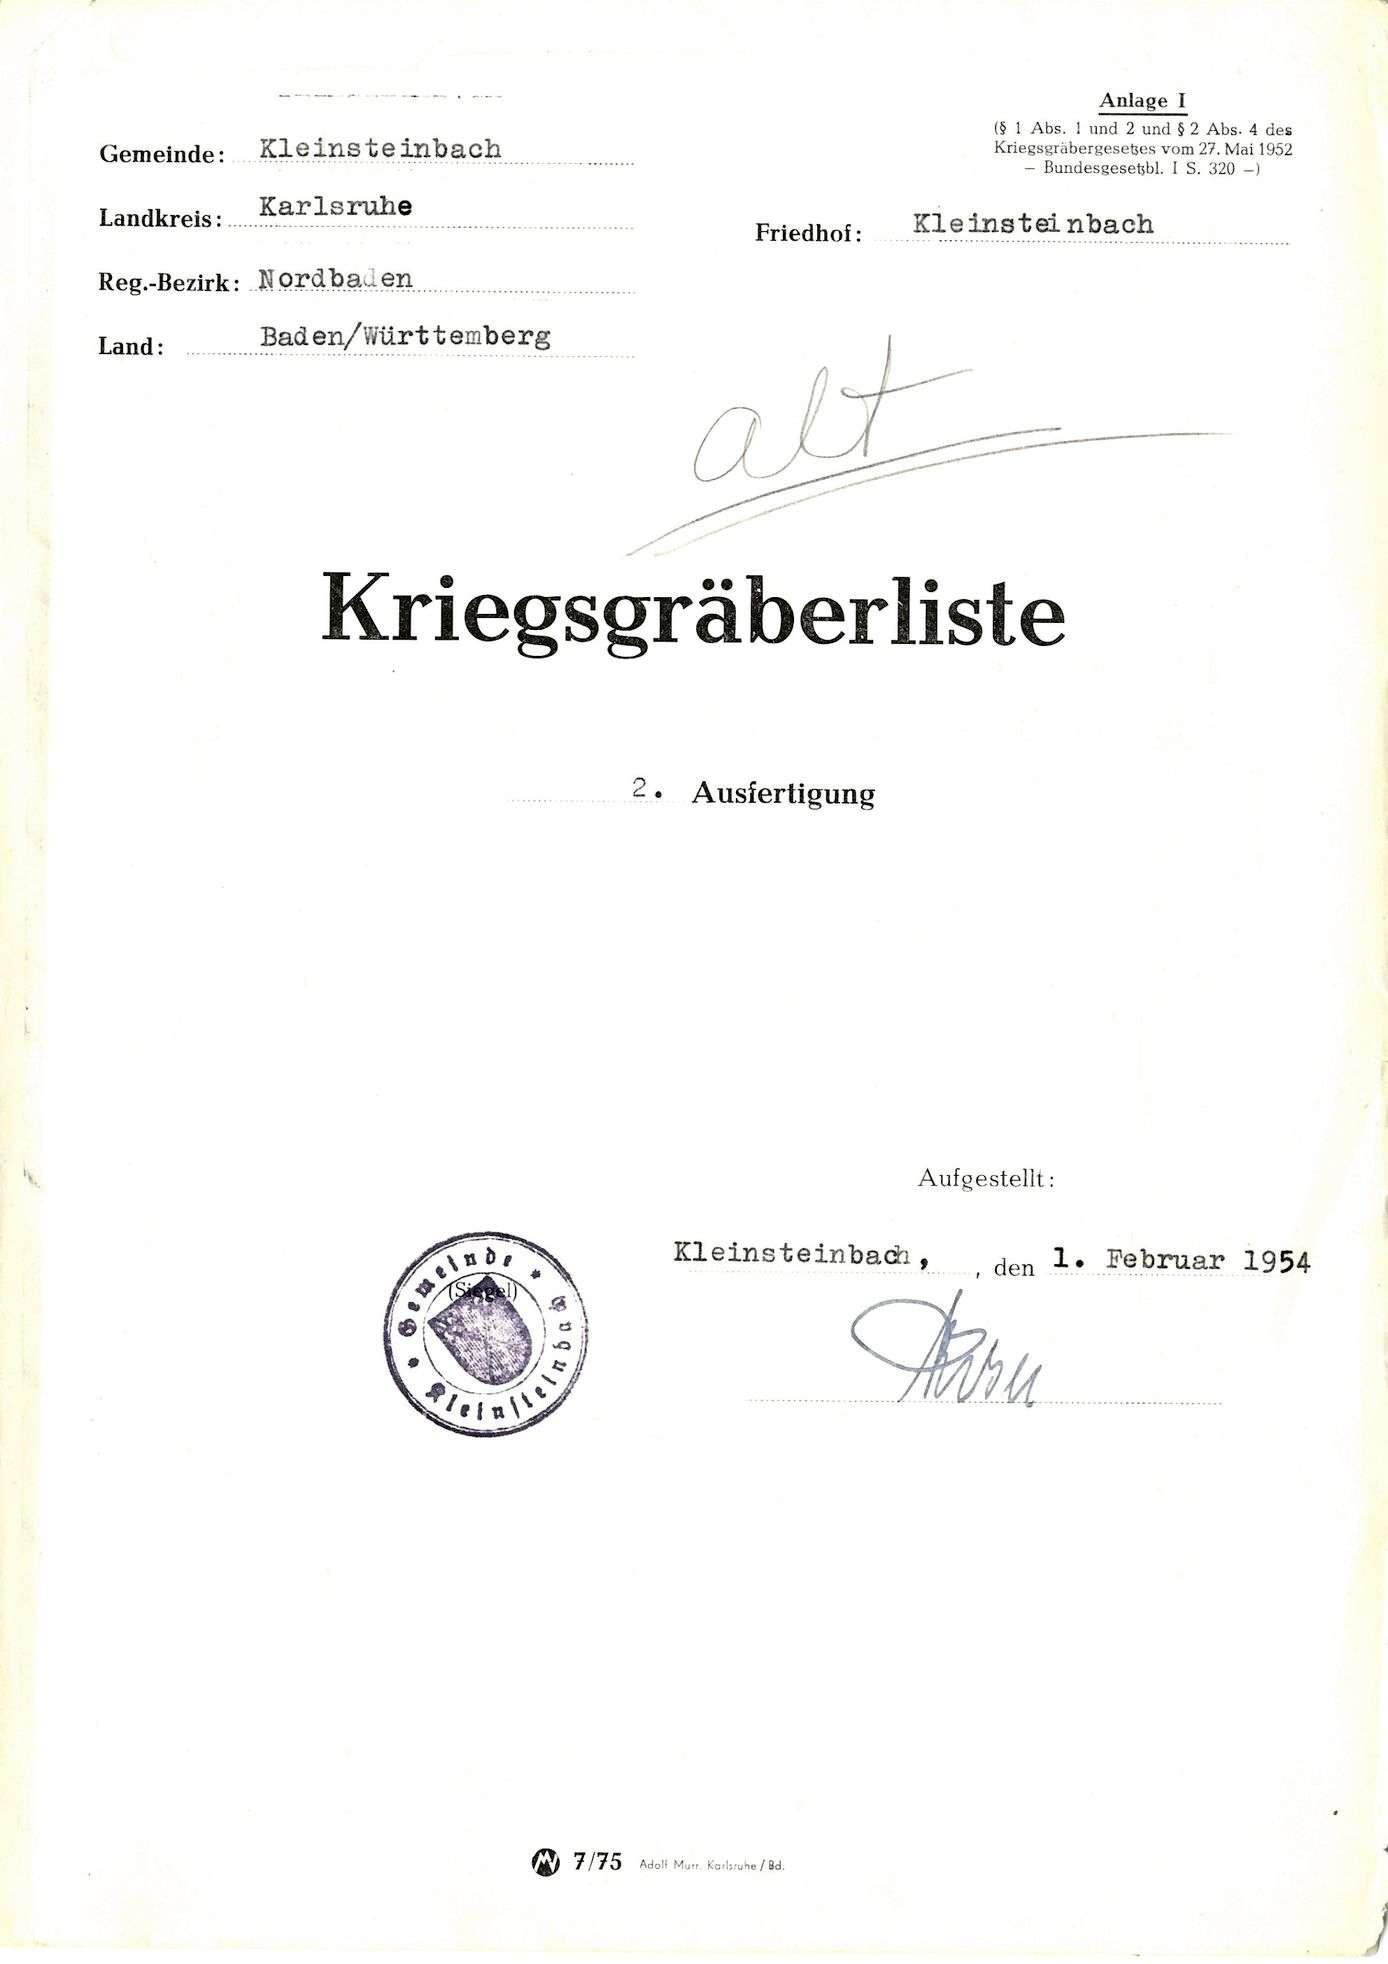 Kleinsteinbach, Bild 3